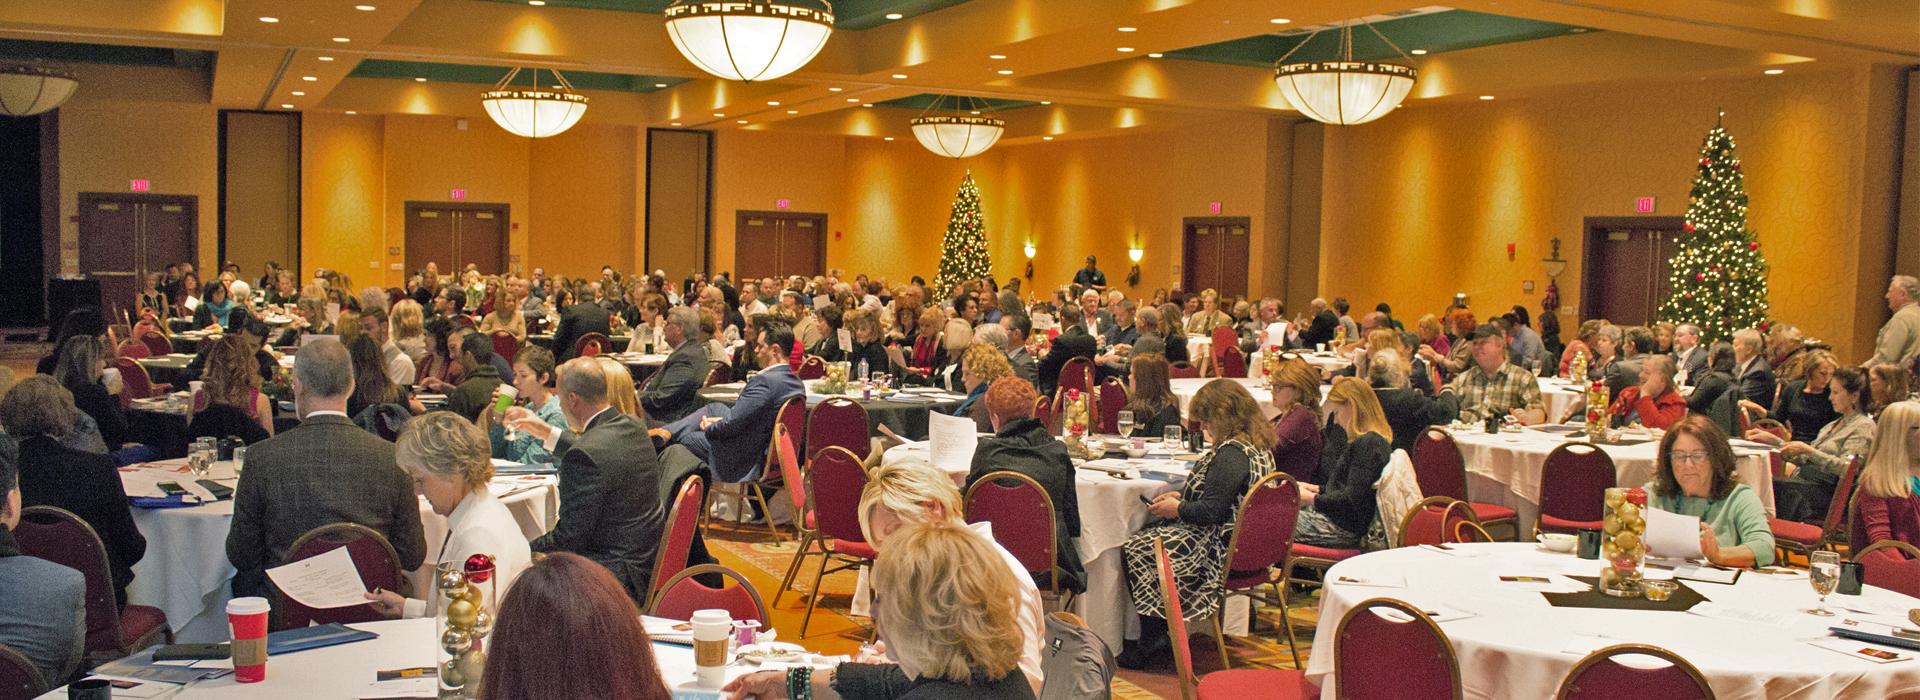 GAAR & SWMLS Annual Meeting goes Virtual